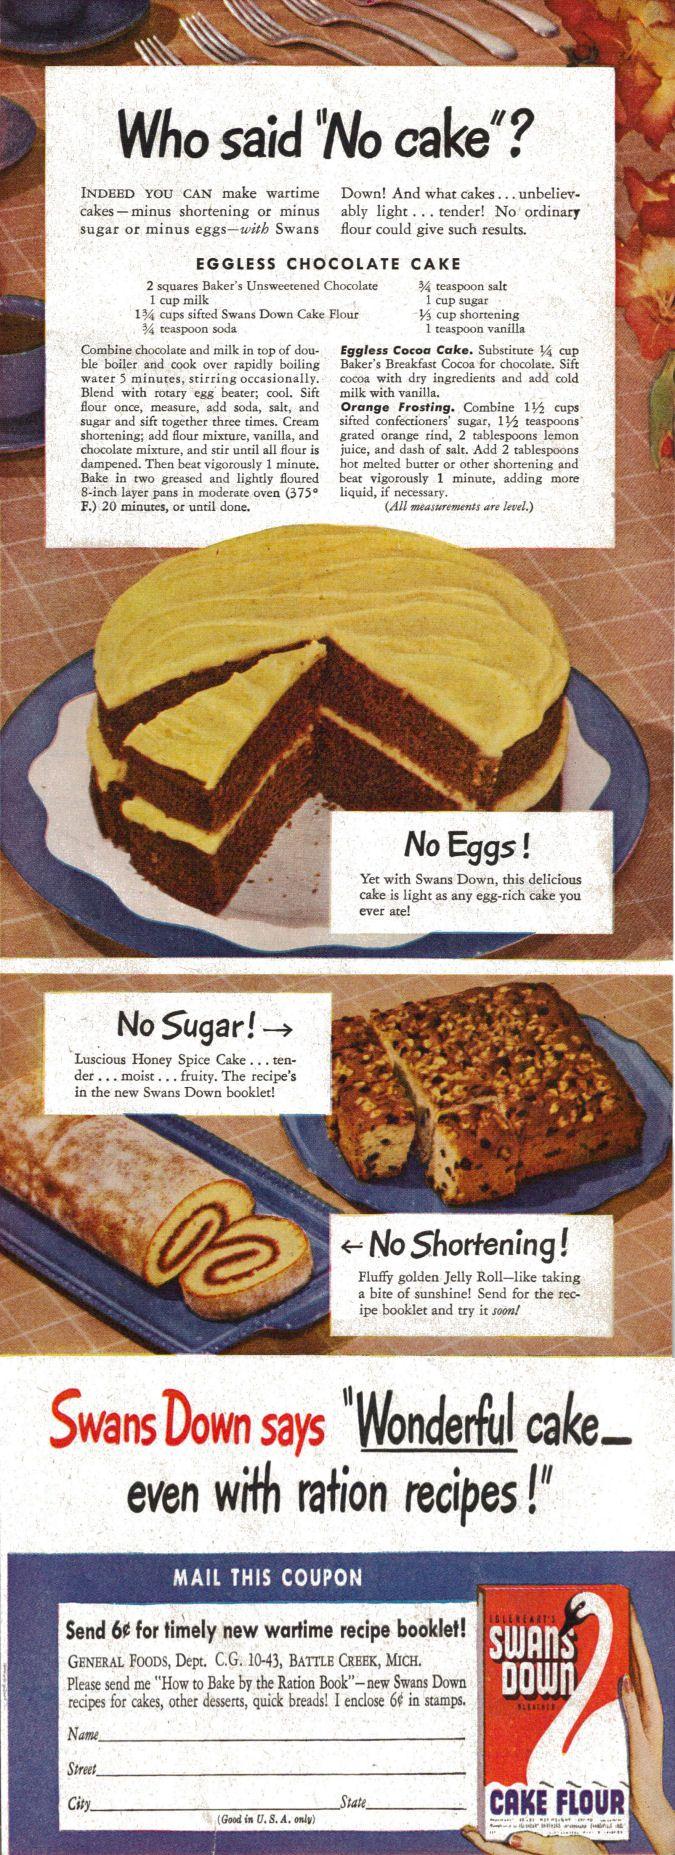 Wartime honey cake recipes